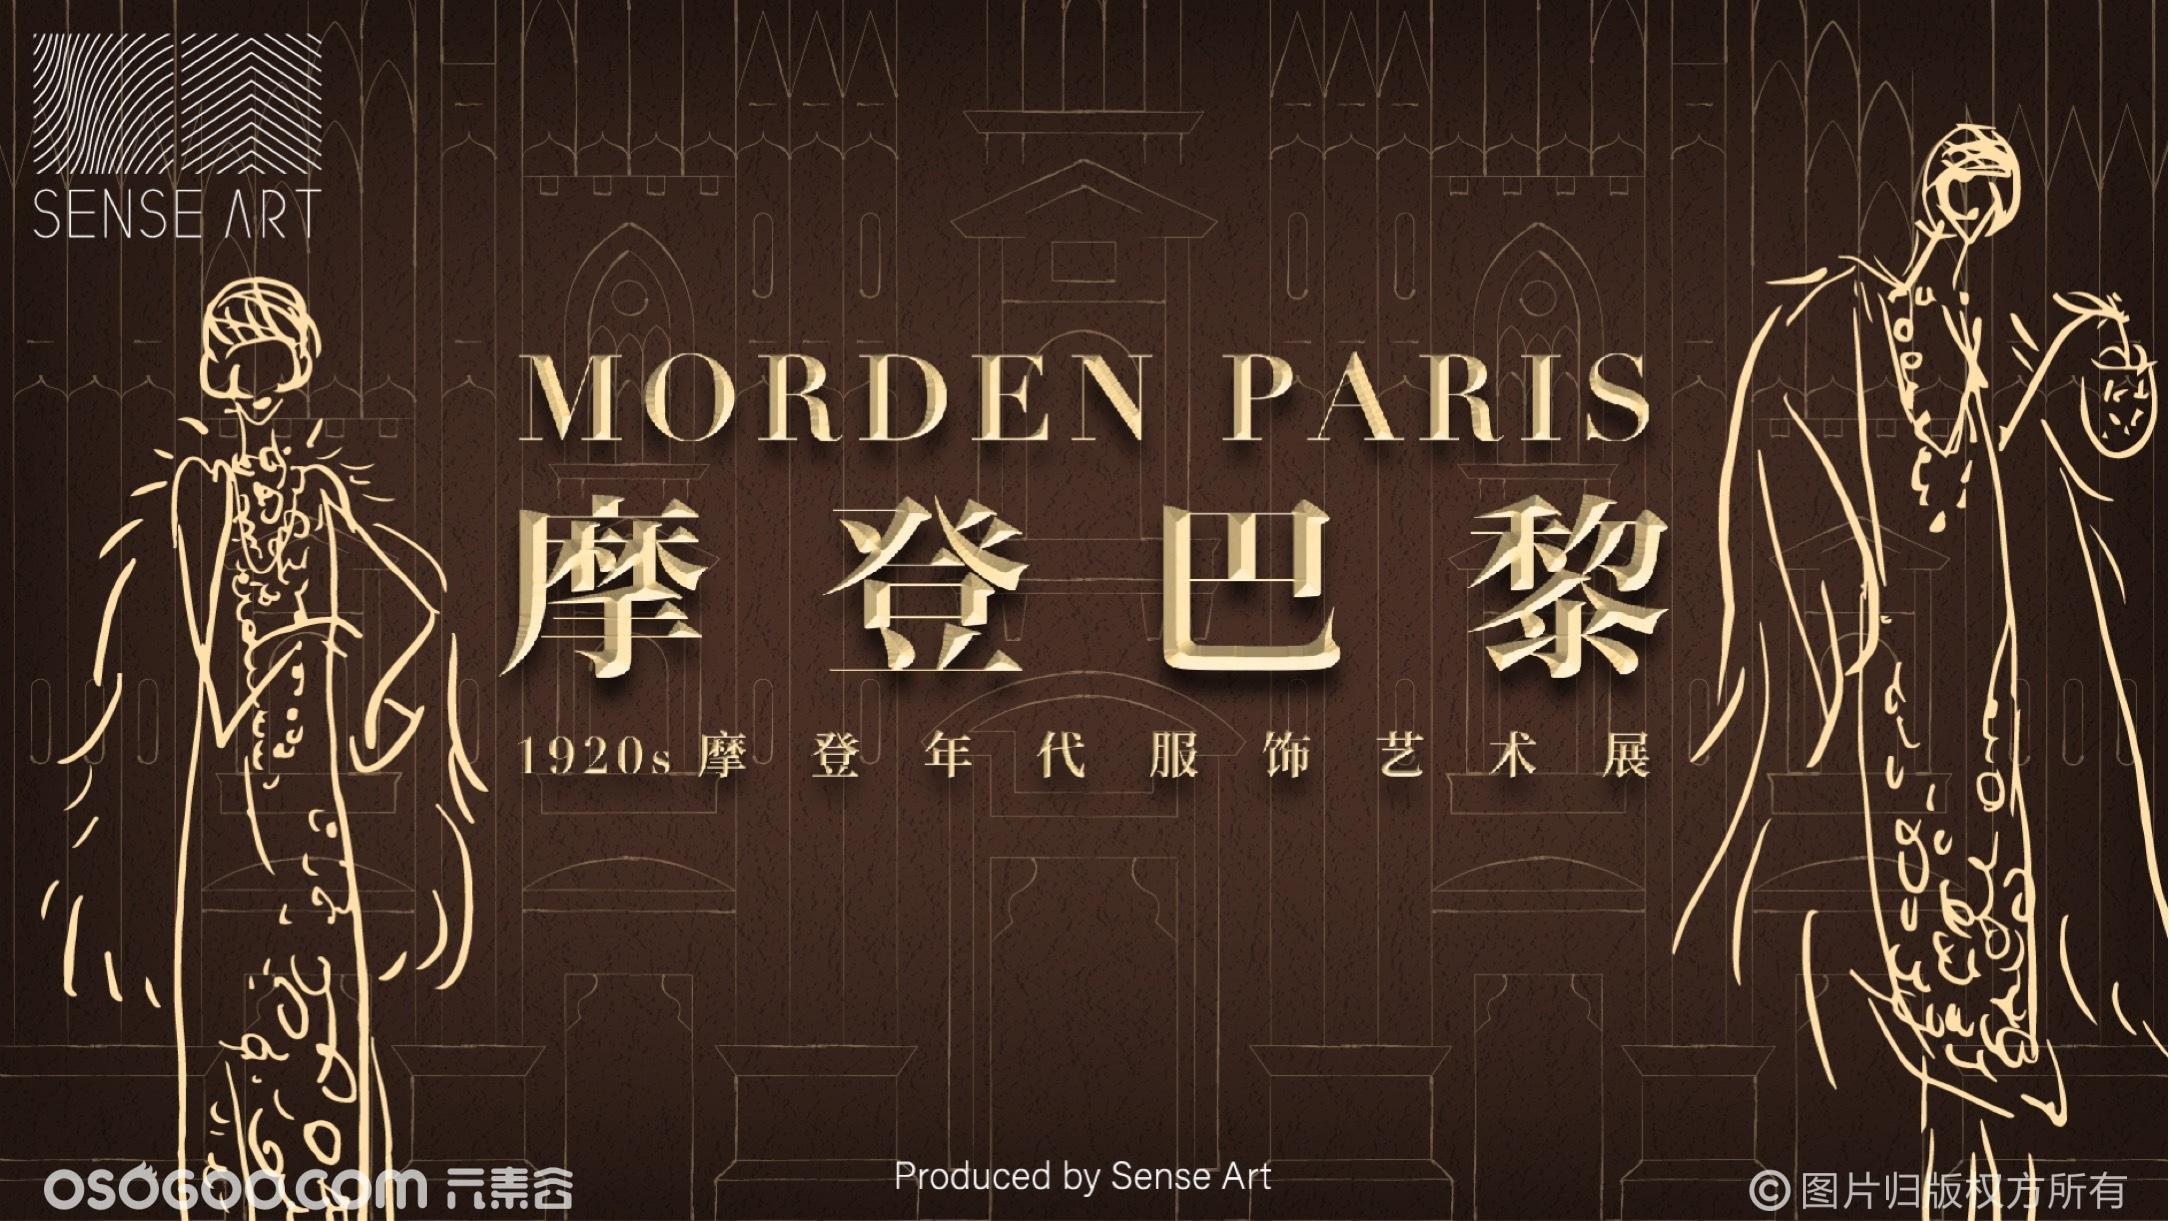 【摩登巴黎】1920s复古臻品收藏展—感映艺术出品